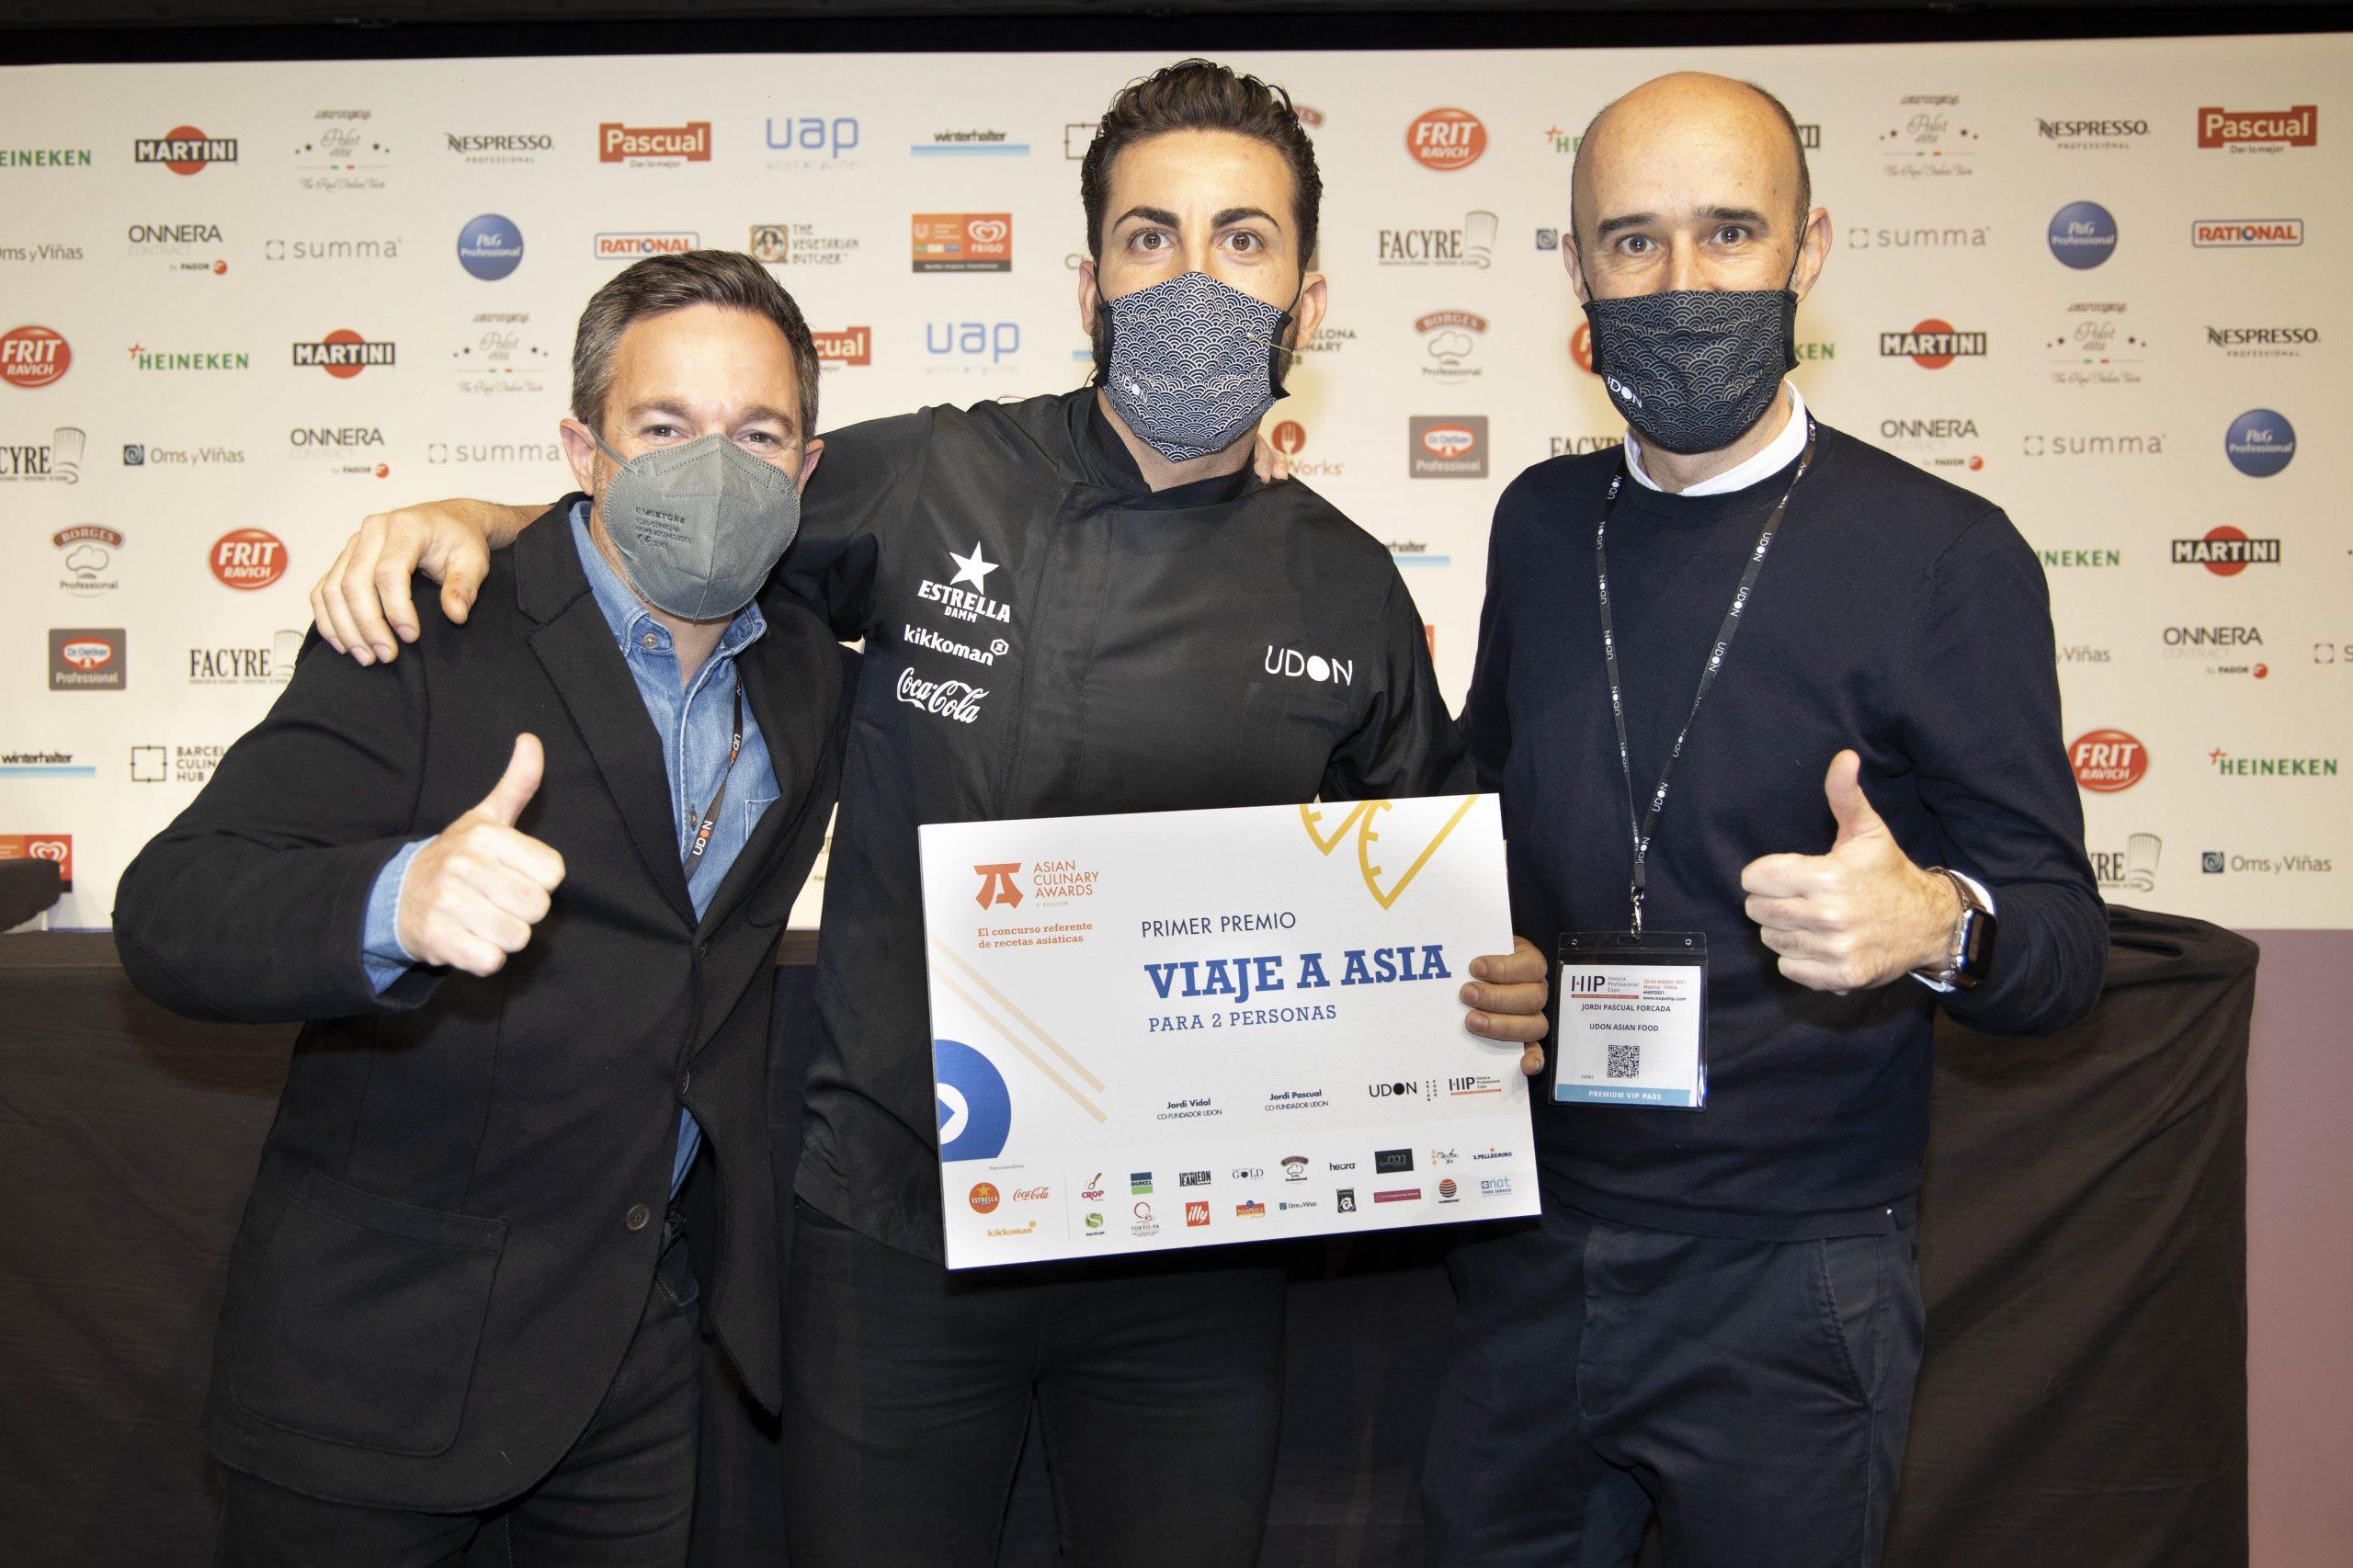 El chef malagueño Juan Carlos Reyes (restaurante Abac), ganador del concurso 'Mejor receta asiática de España'